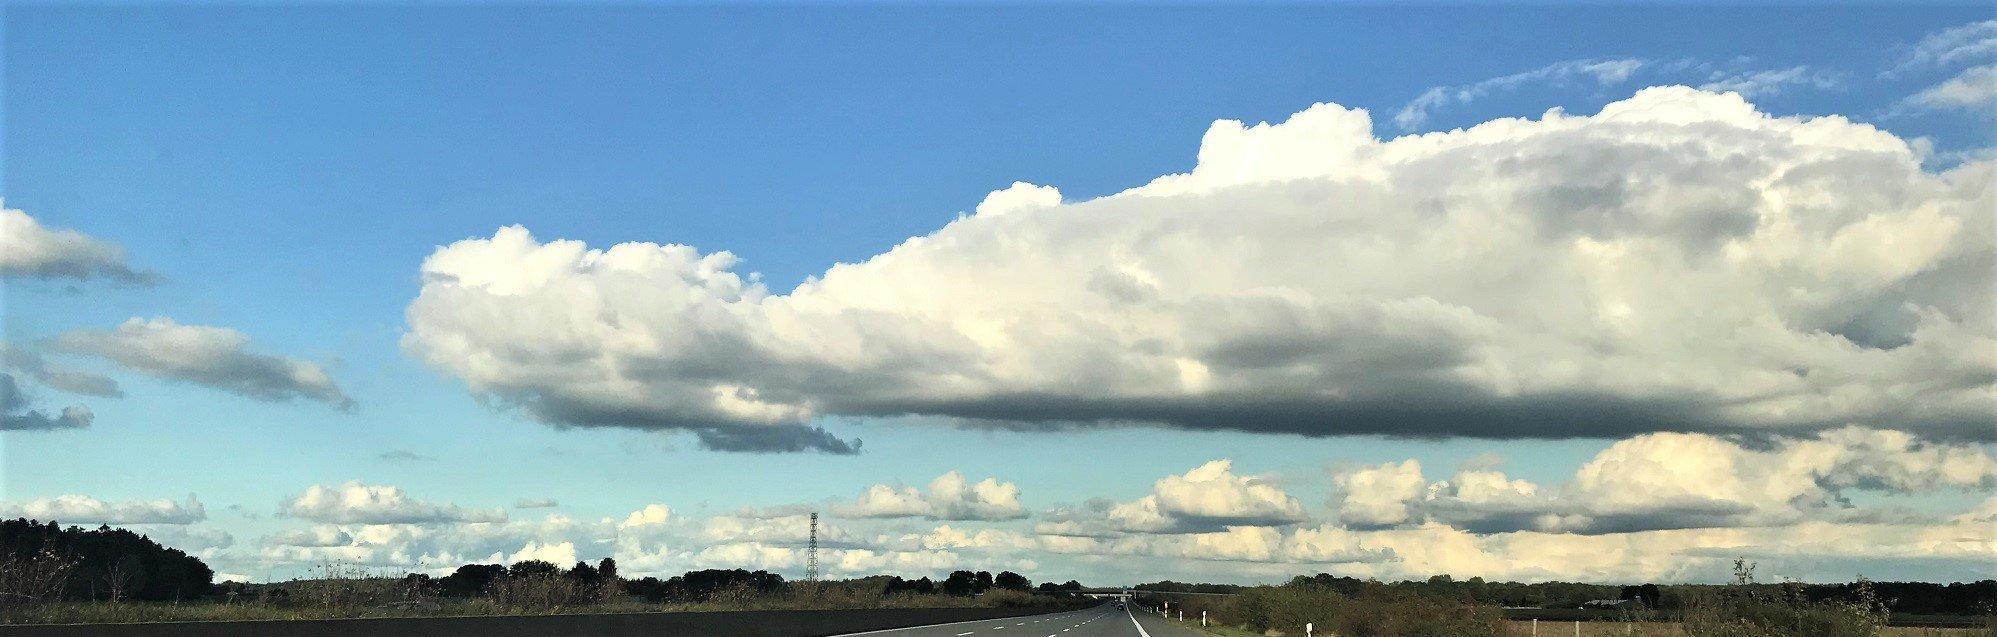 Über eine Landstraße ziehen Wolken hinweg.